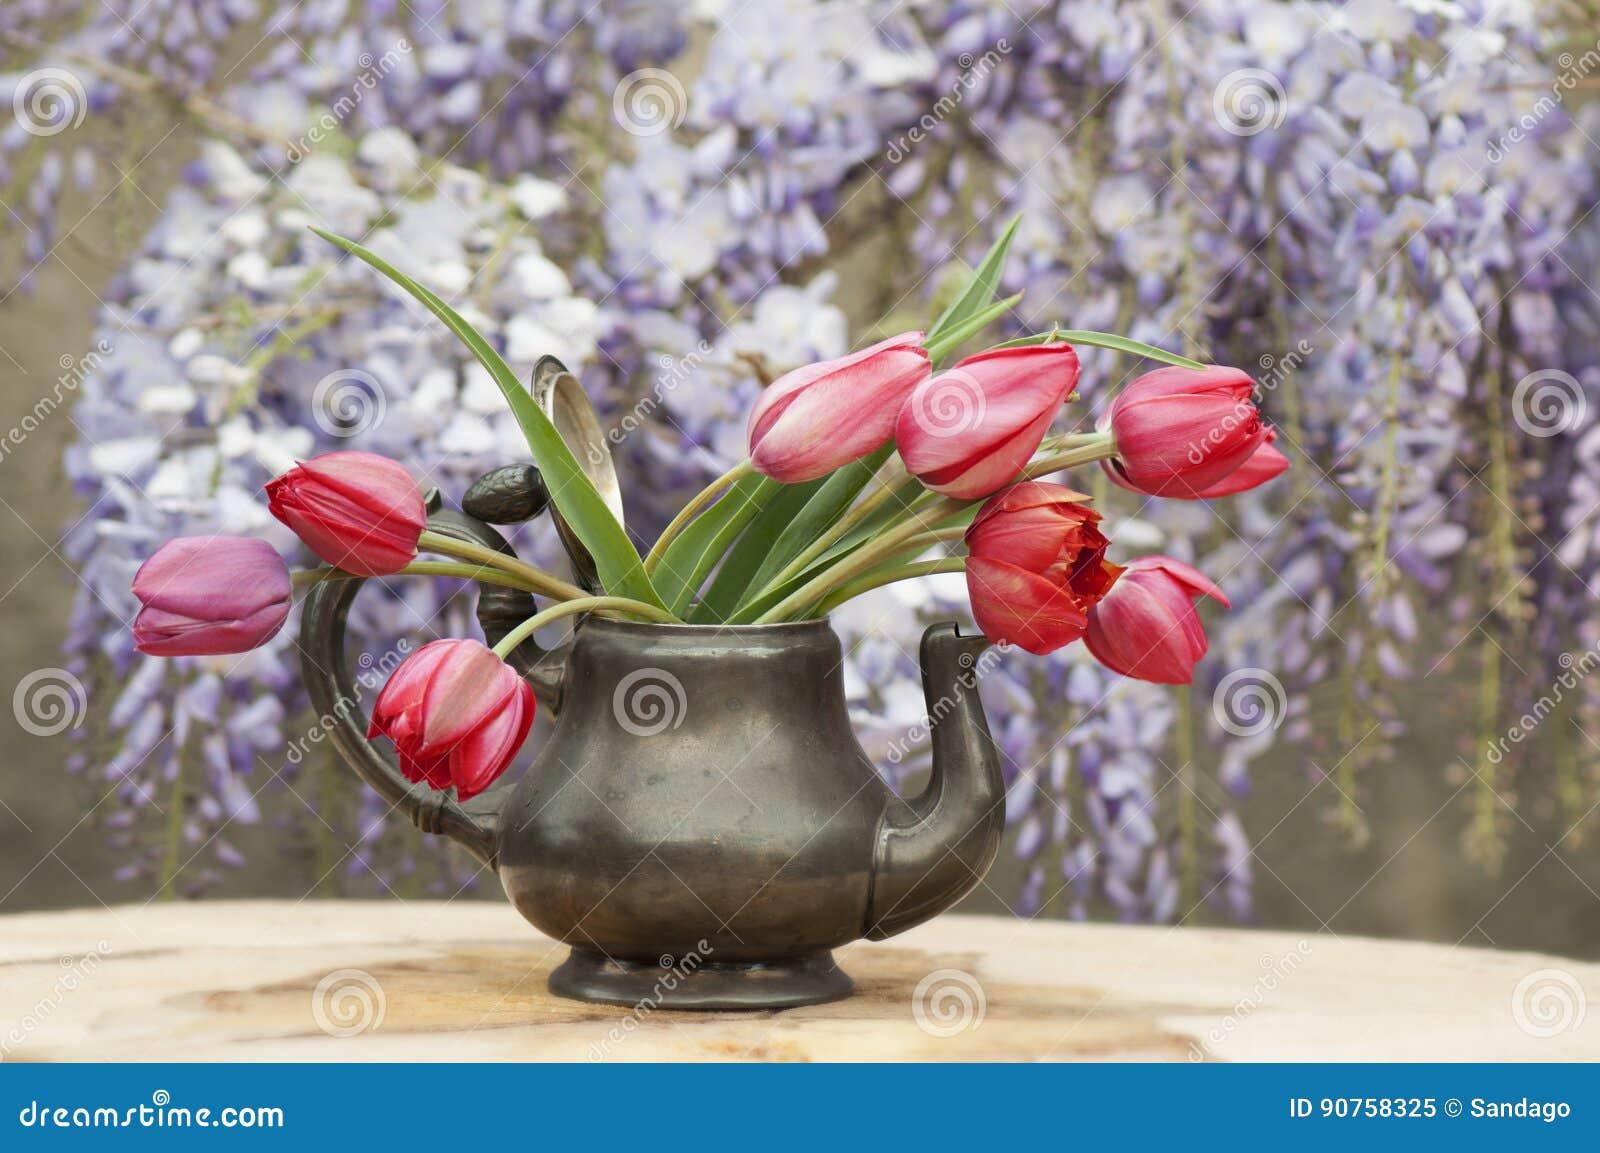 Lampada Fiore Tulipano : Fiori del tulipano immagine stock. immagine di fiore 90758325